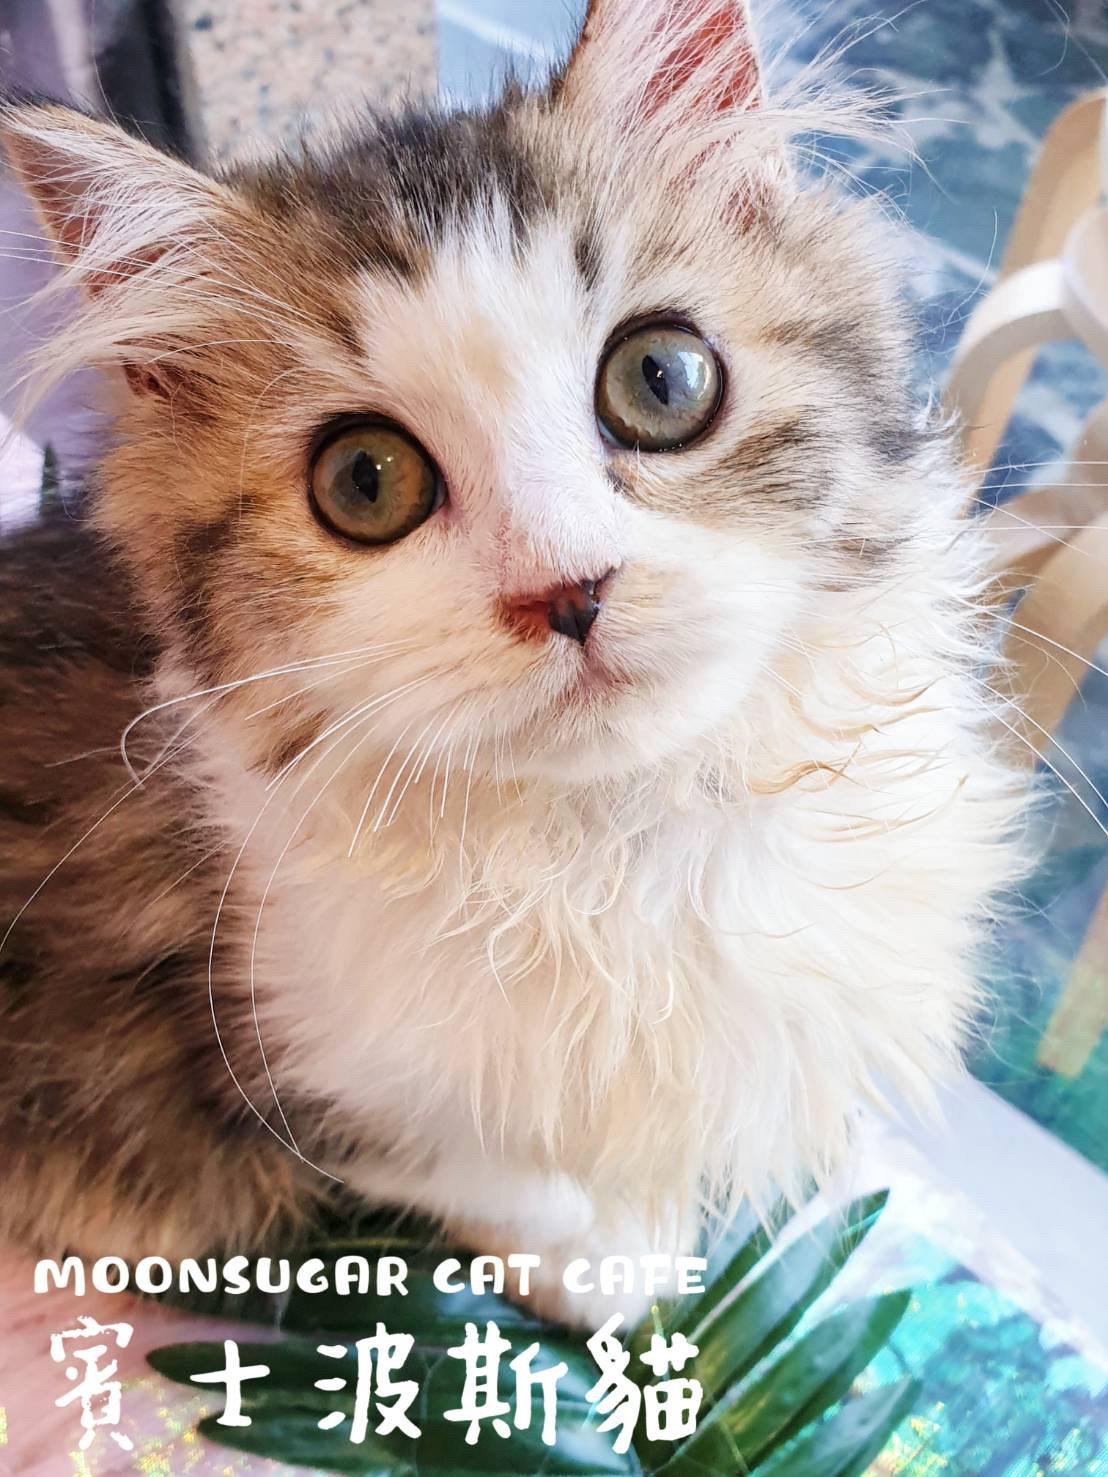 月亮糖糖喵樂園/銀色金吉拉 賓士波斯貓